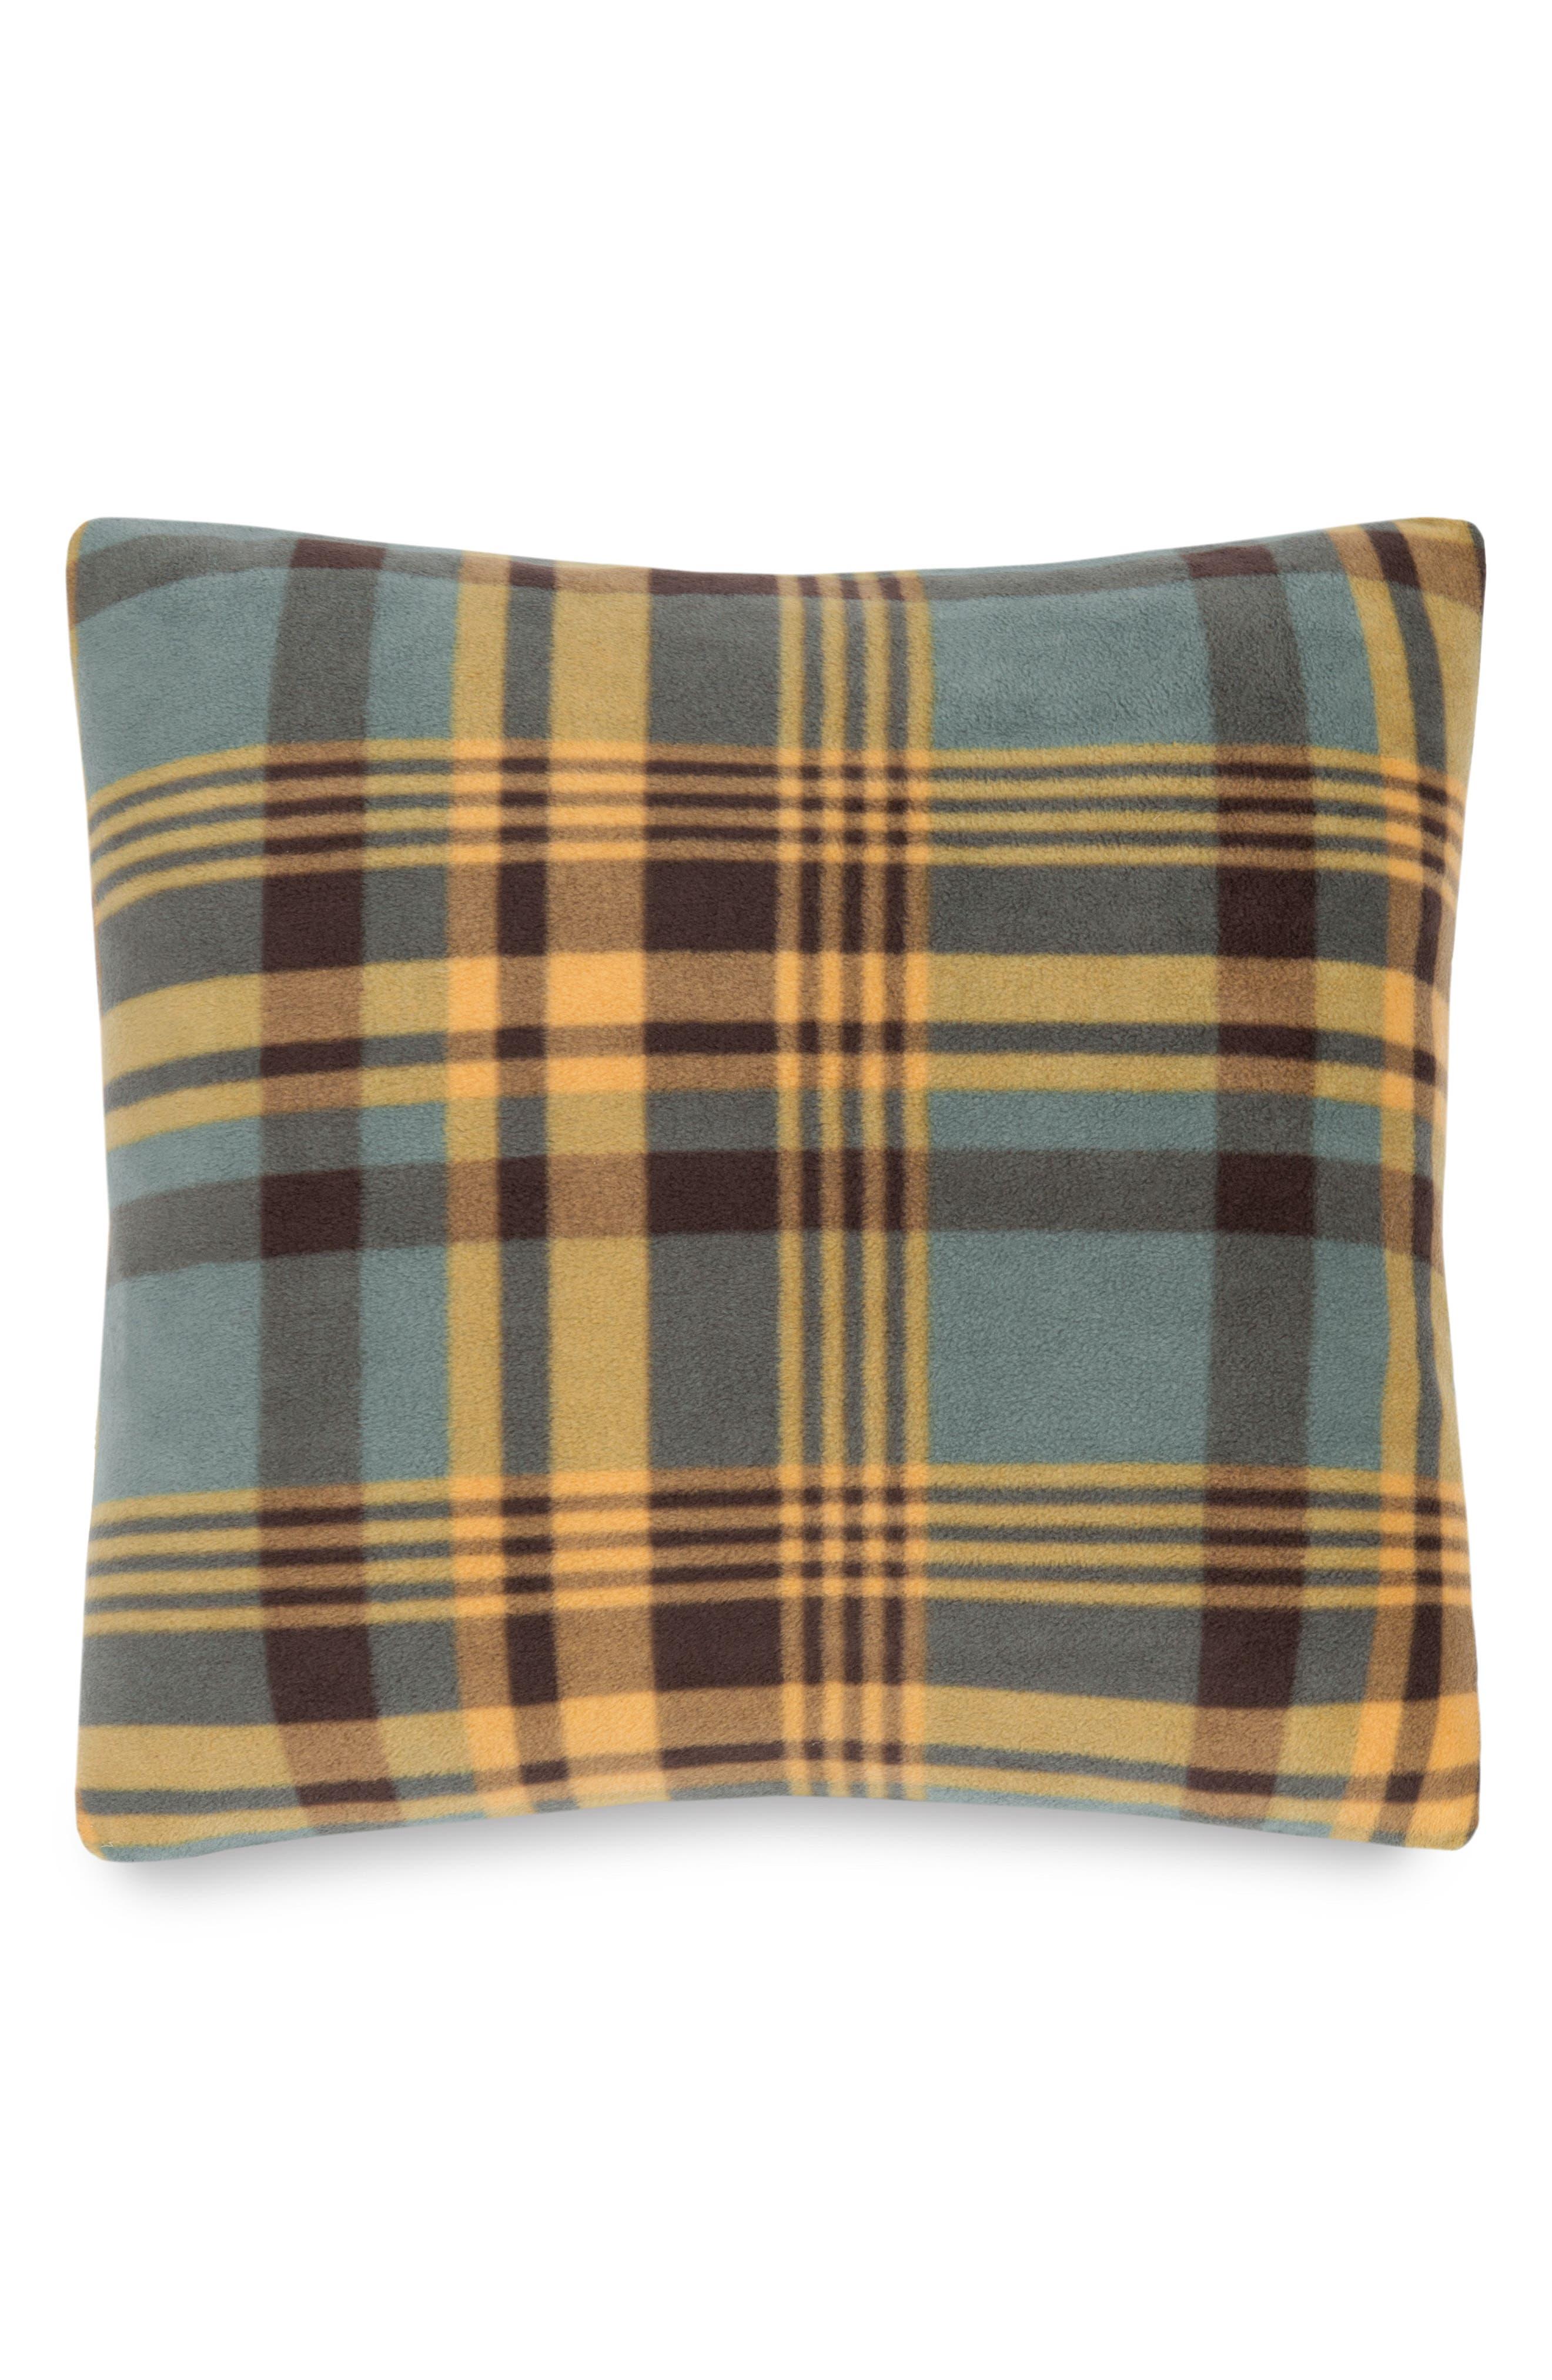 Plaid Fleece Pillow,                             Main thumbnail 1, color,                             Shale Mapleton Plaid